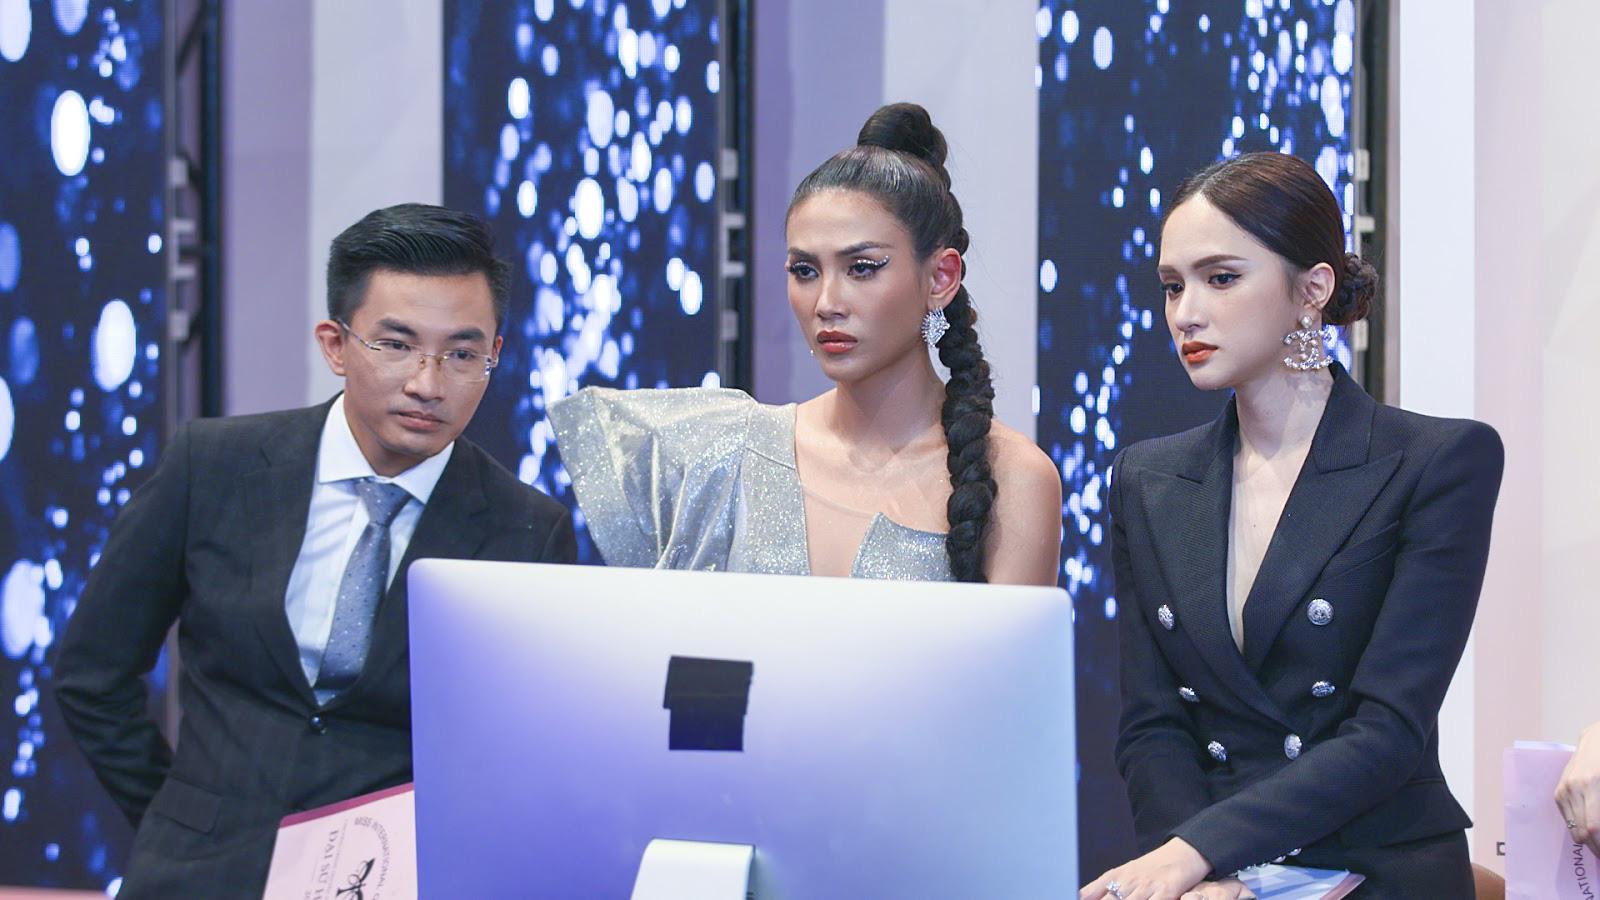 Dàn thí sinh Miss International Queen Việt Nam nóng bỏng cùng sản phẩm của nhà tài trợ - Ảnh 4.